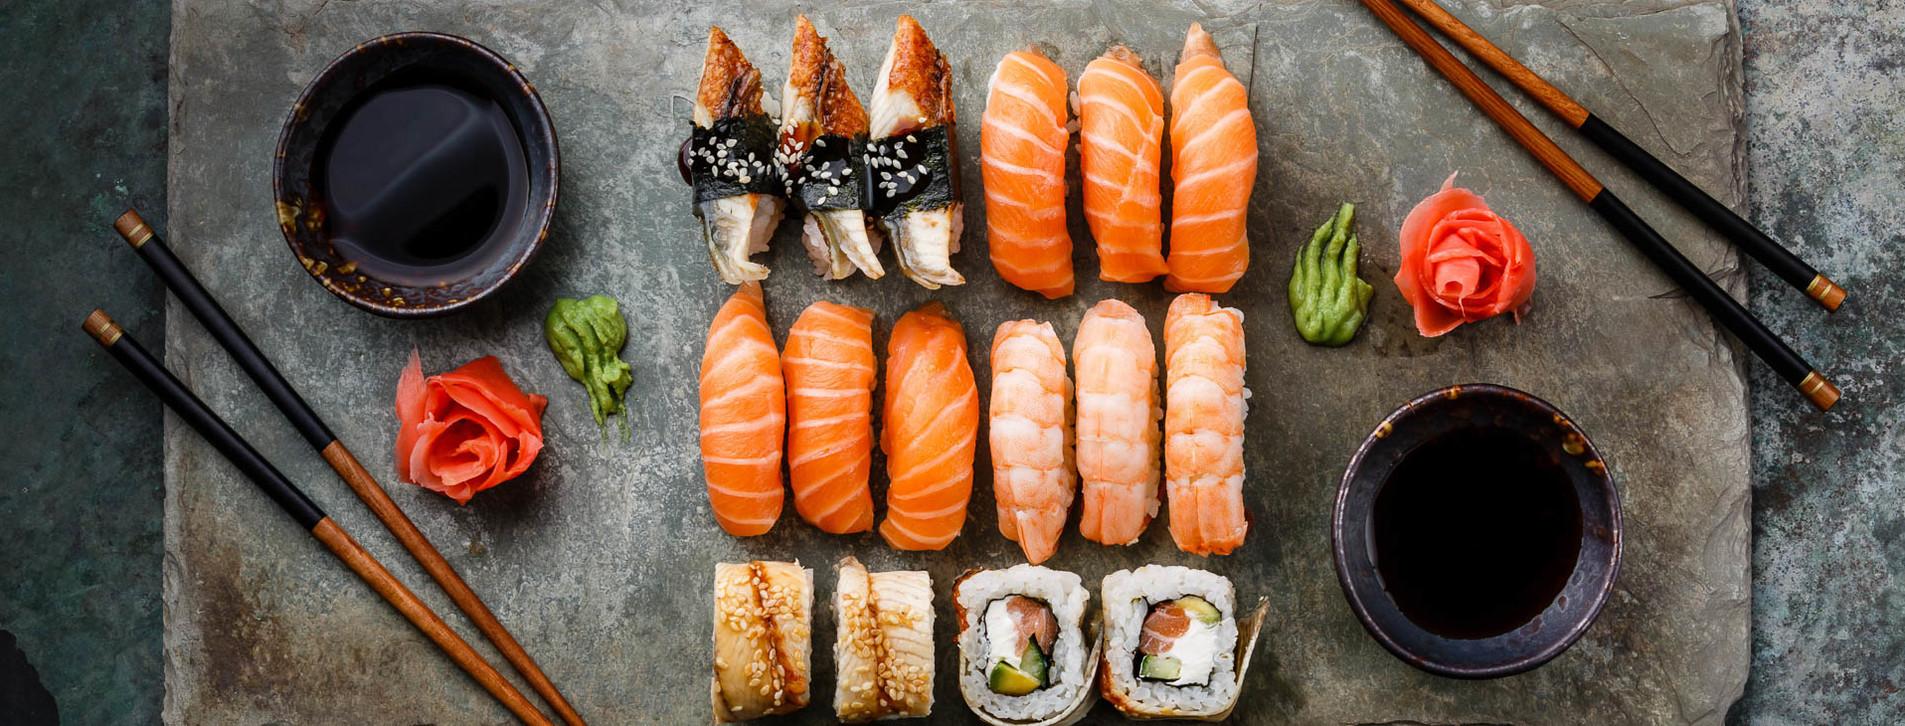 Фото 1 - Мастер-класс суши